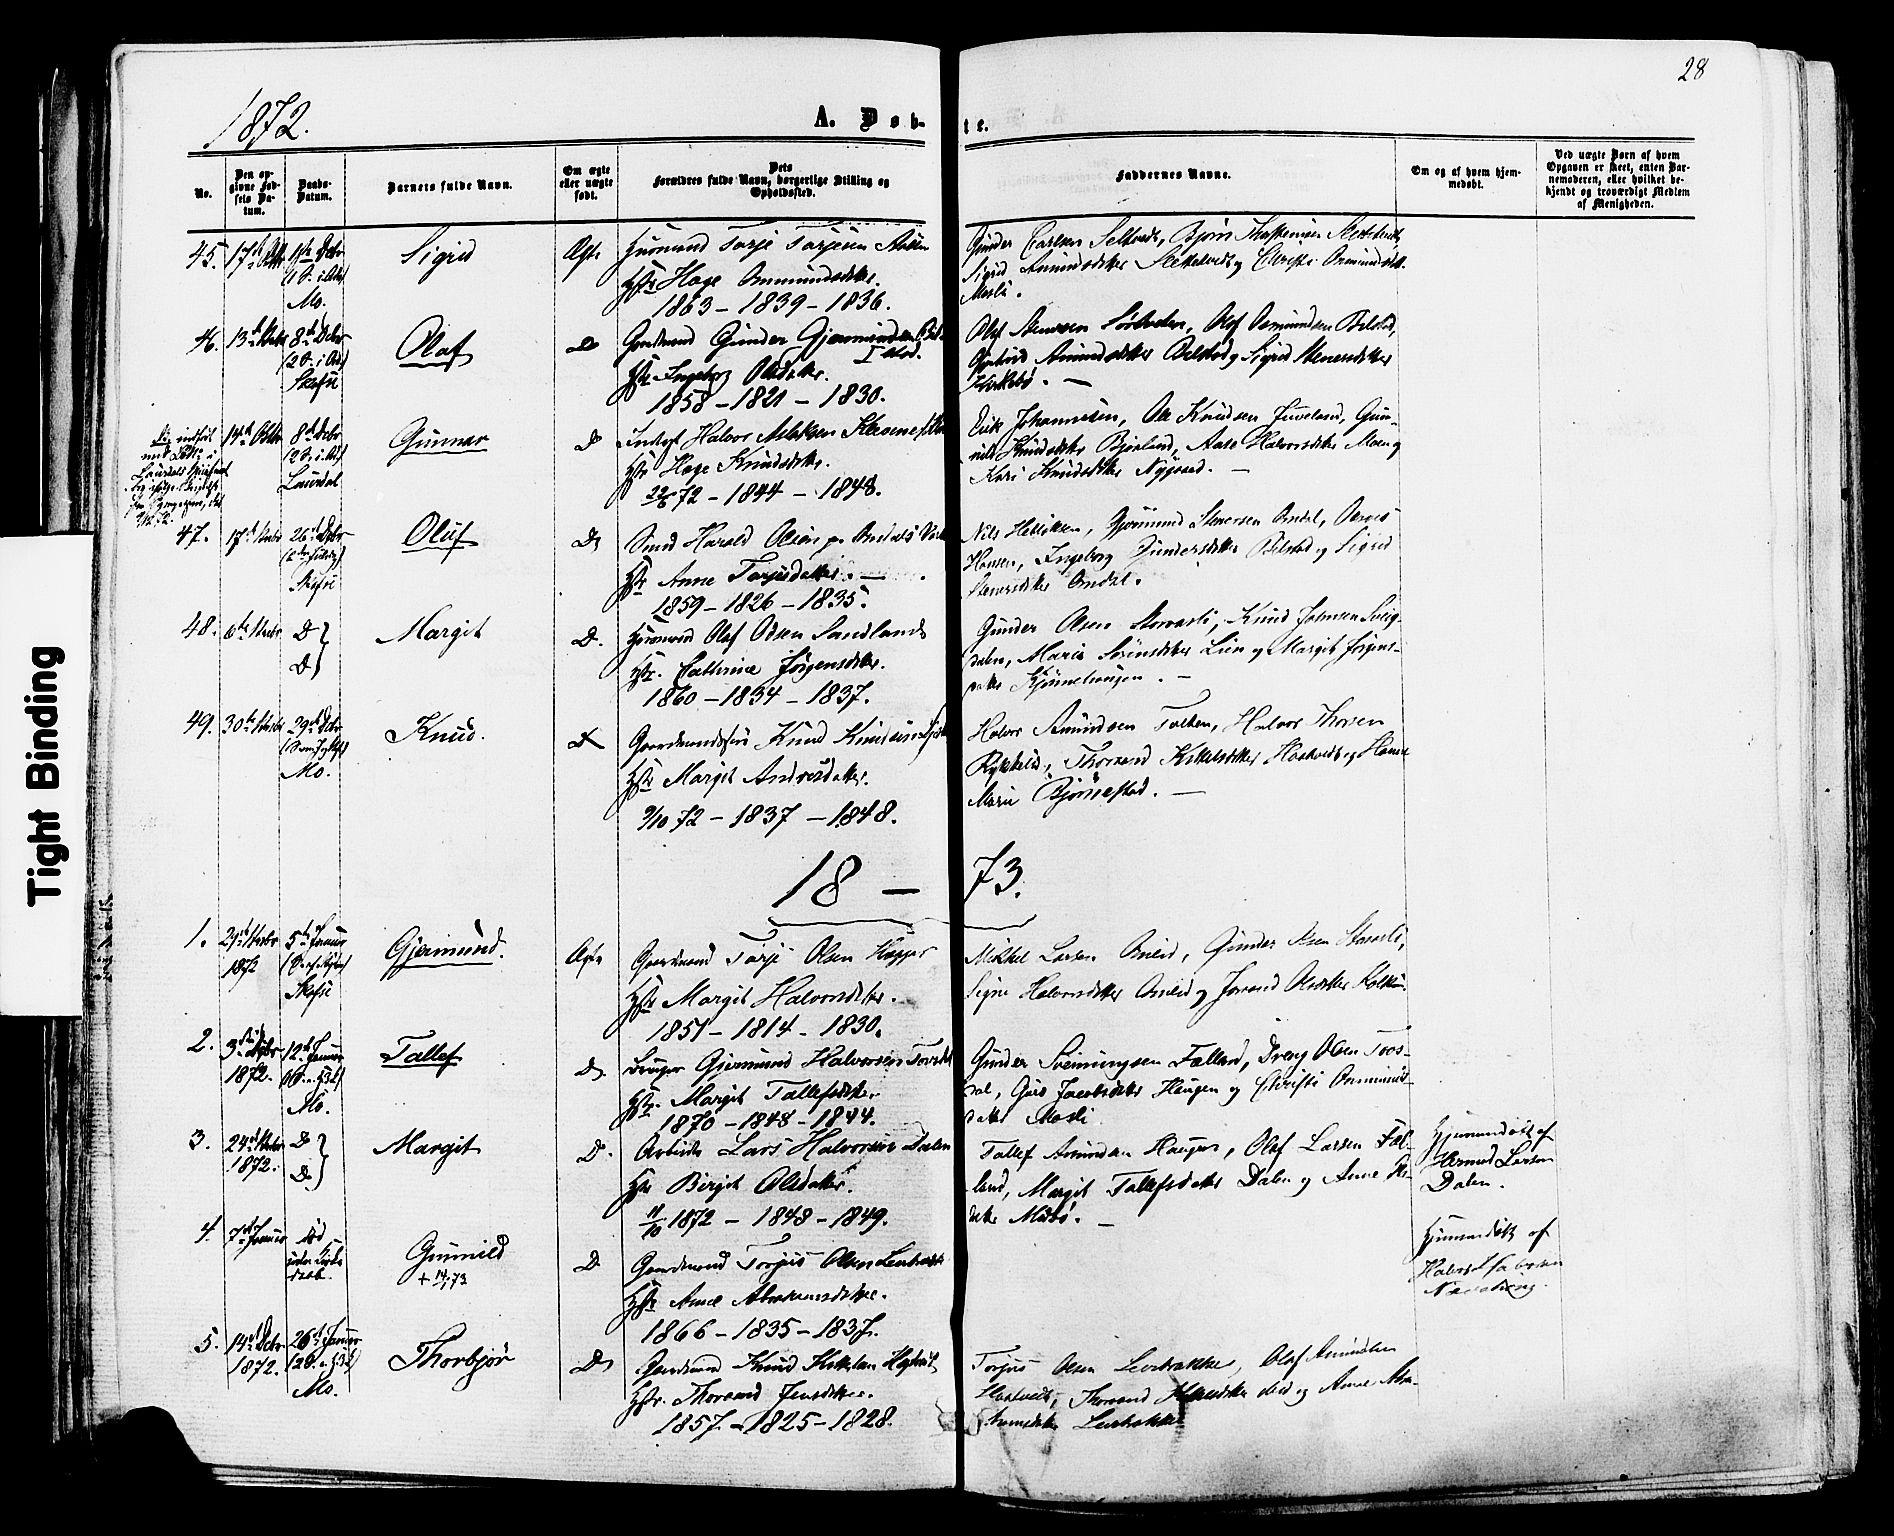 SAKO, Mo kirkebøker, F/Fa/L0006: Ministerialbok nr. I 6, 1865-1885, s. 28